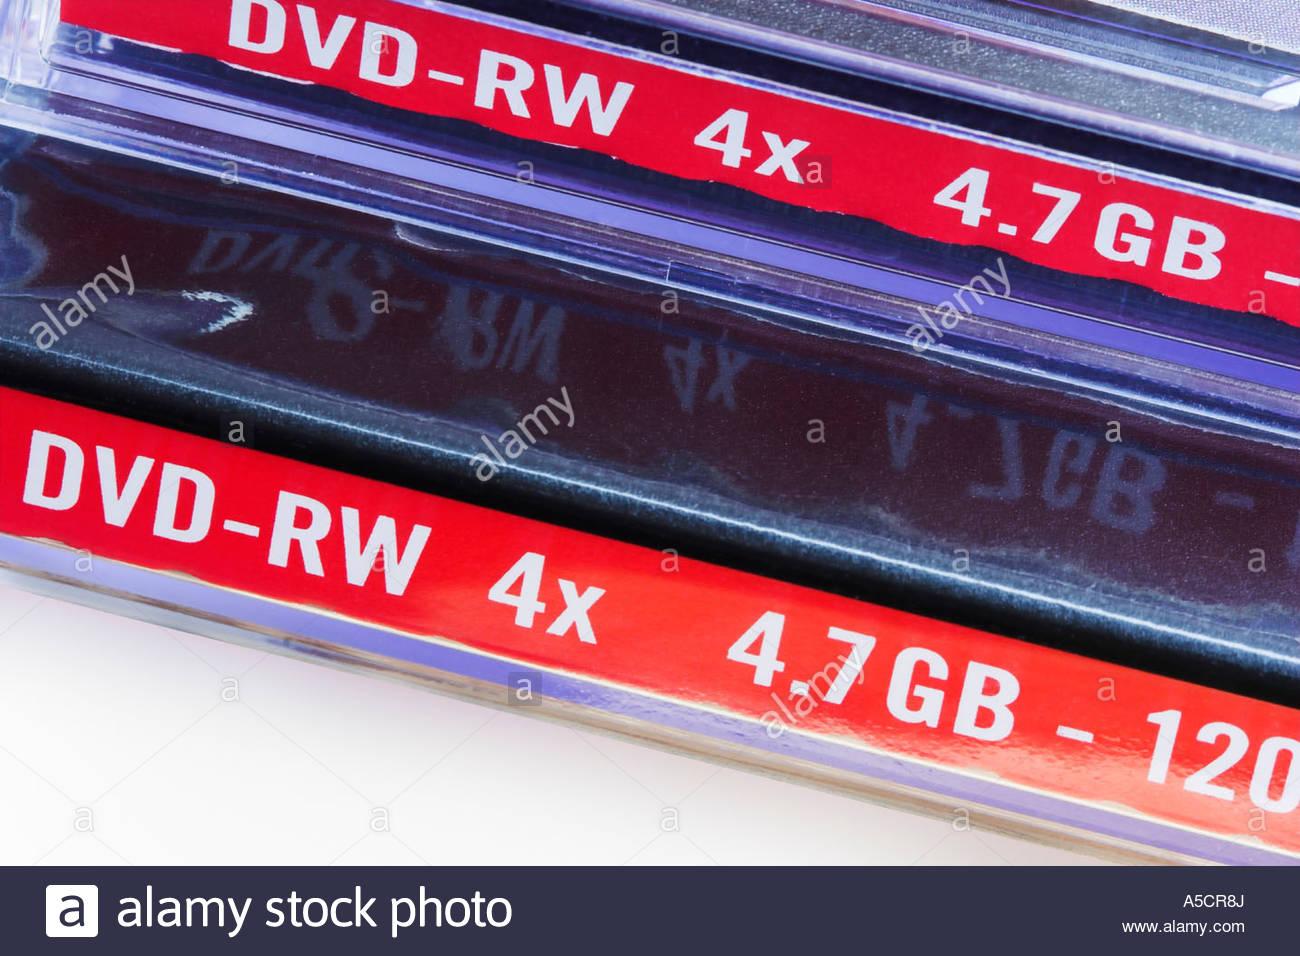 DVD-RW cases - Stock Image